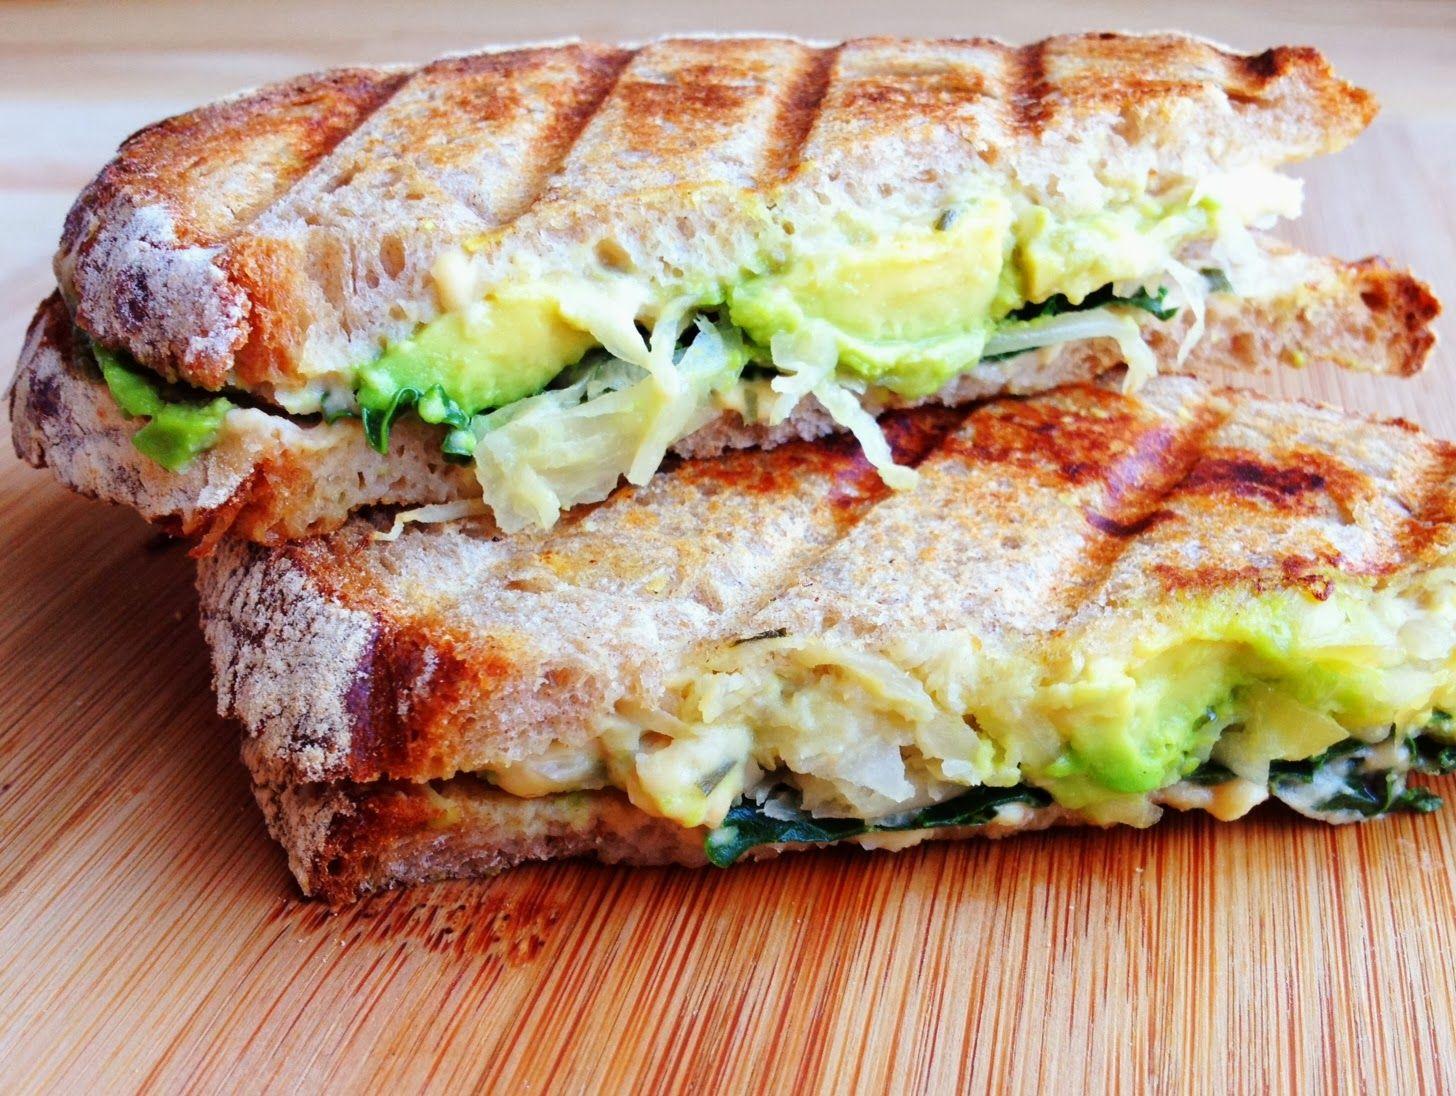 Wholly Vegan: Avocado, Hummus, Kale, and Sauerkraut Panini